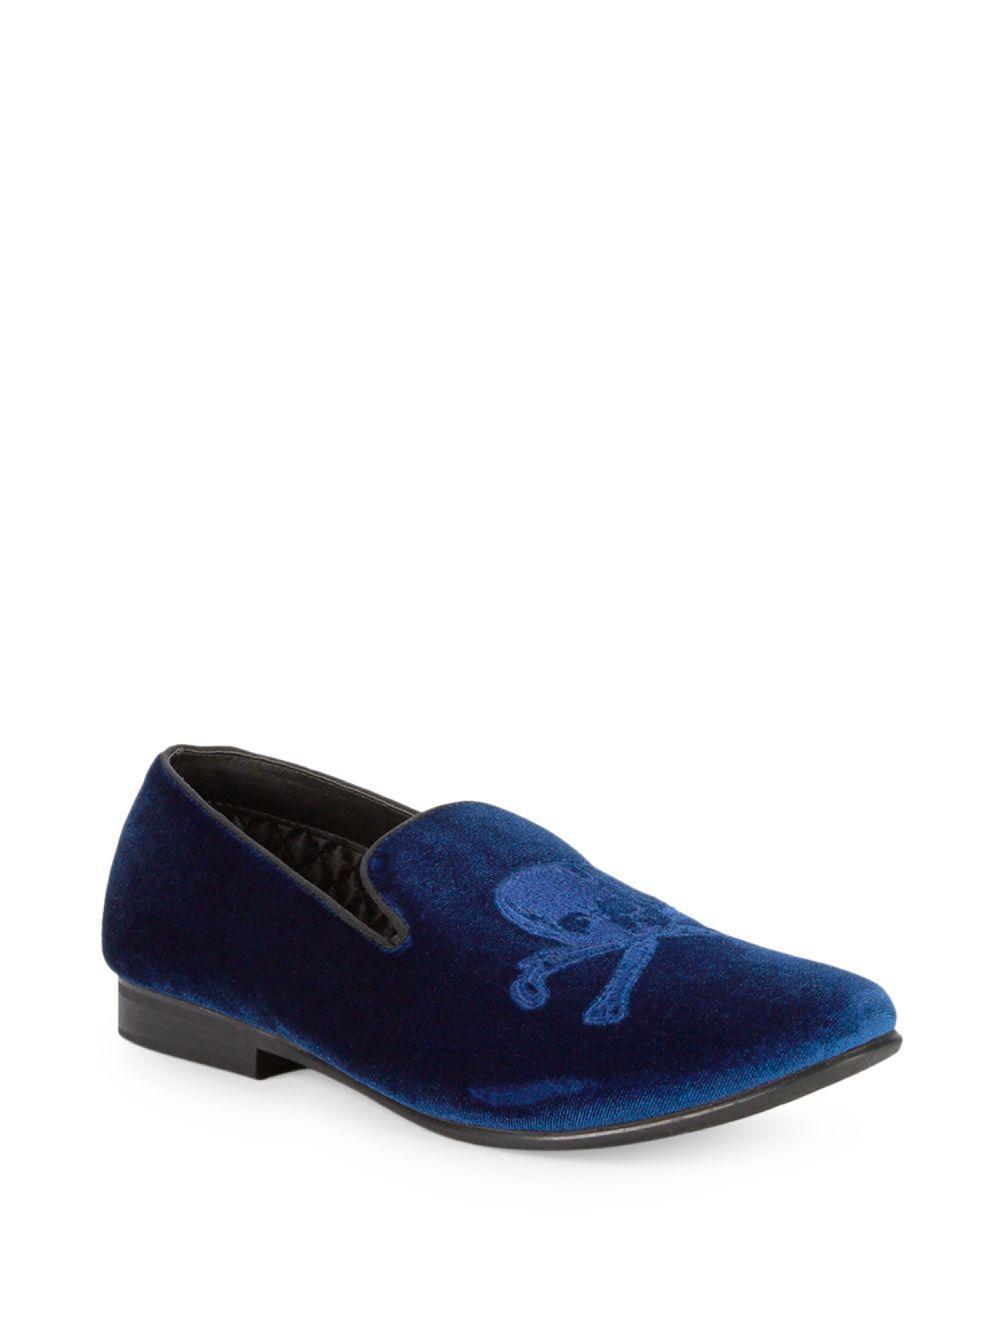 f2ac4be6e01f Lyst - Steve Madden Skull-patch Velvet Smoking Slippers in Blue for Men